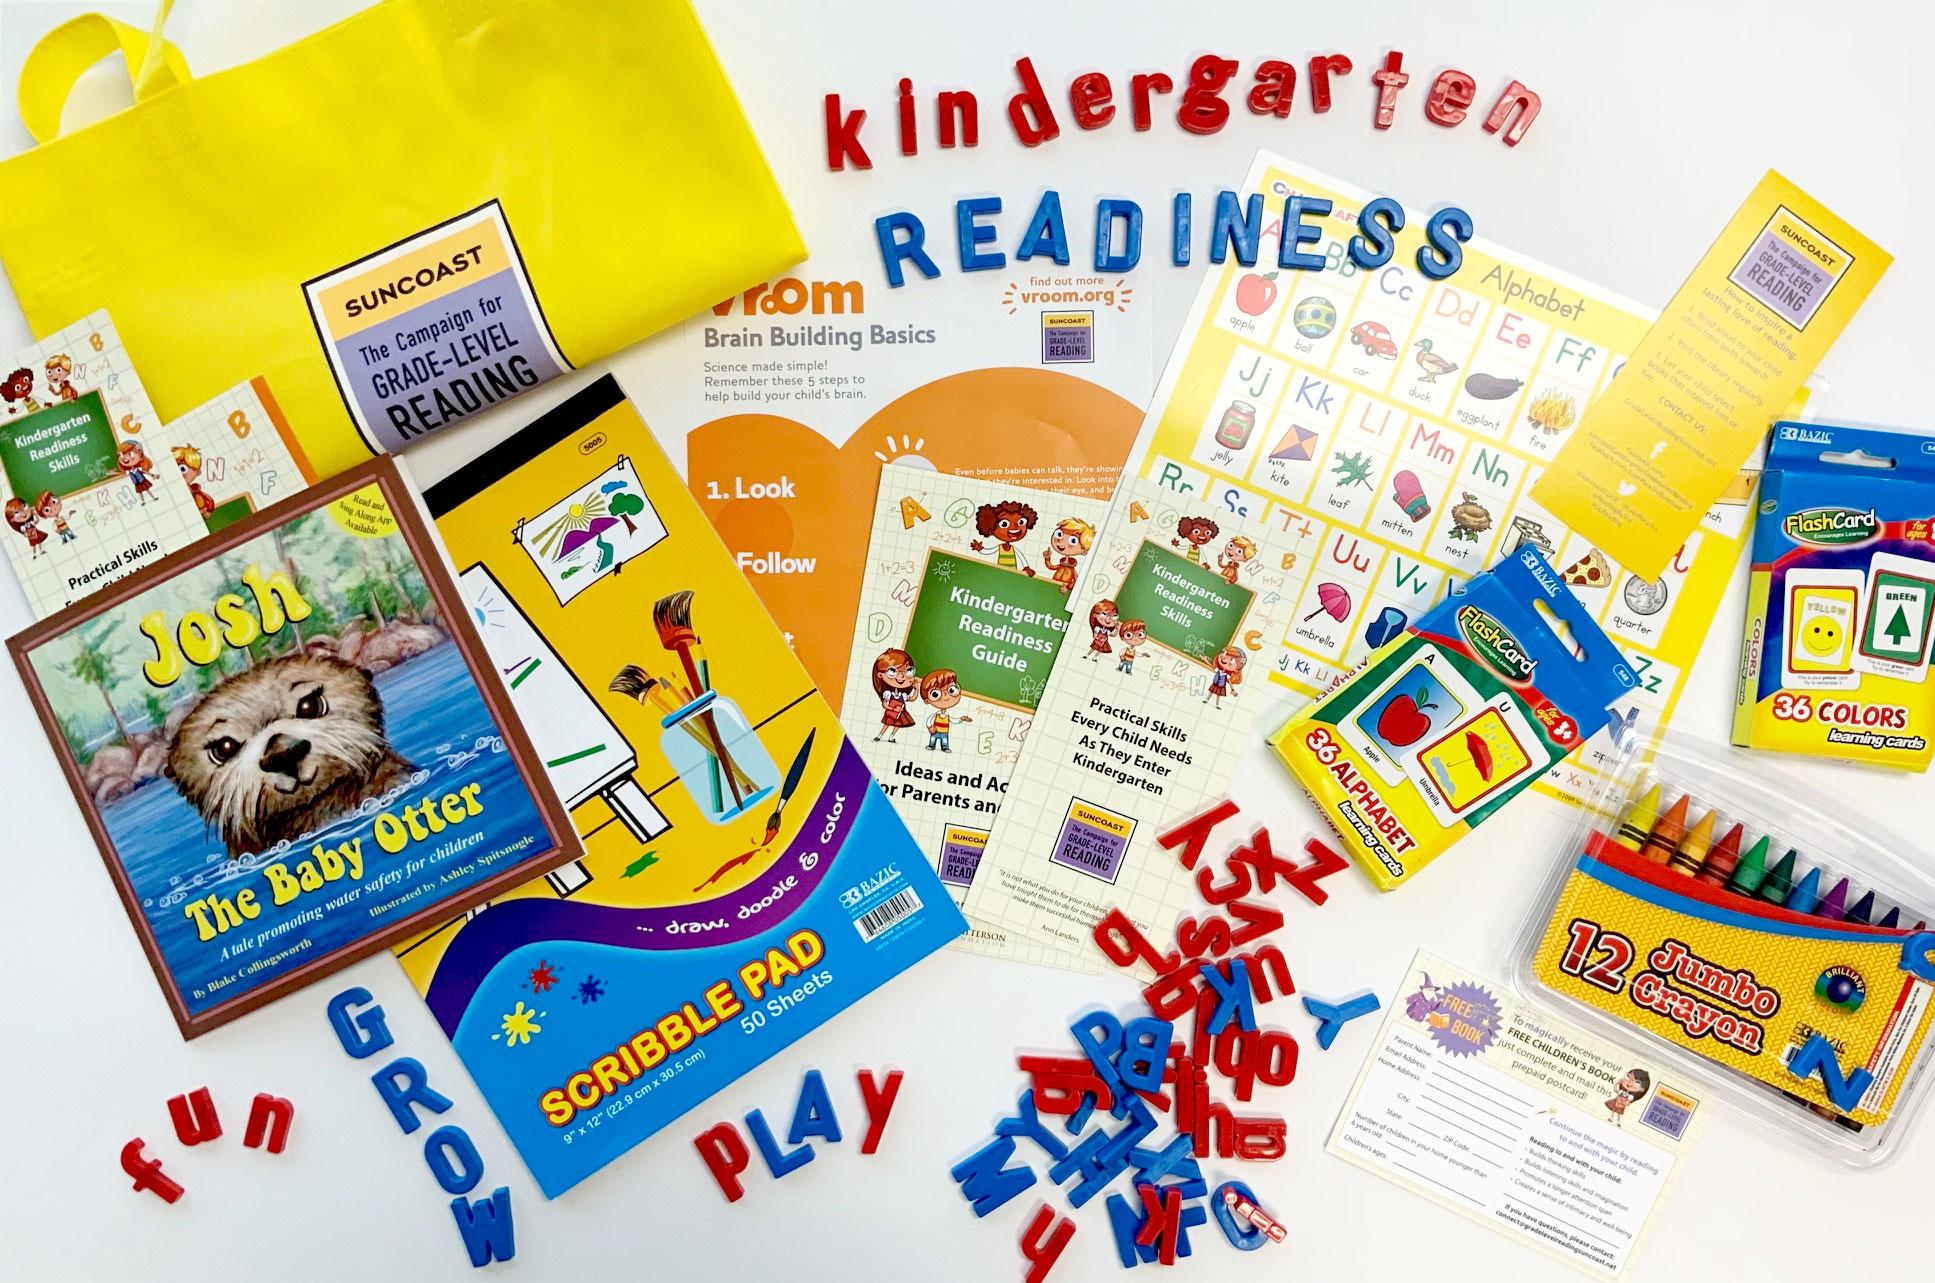 Kindergarten Readiness Bags